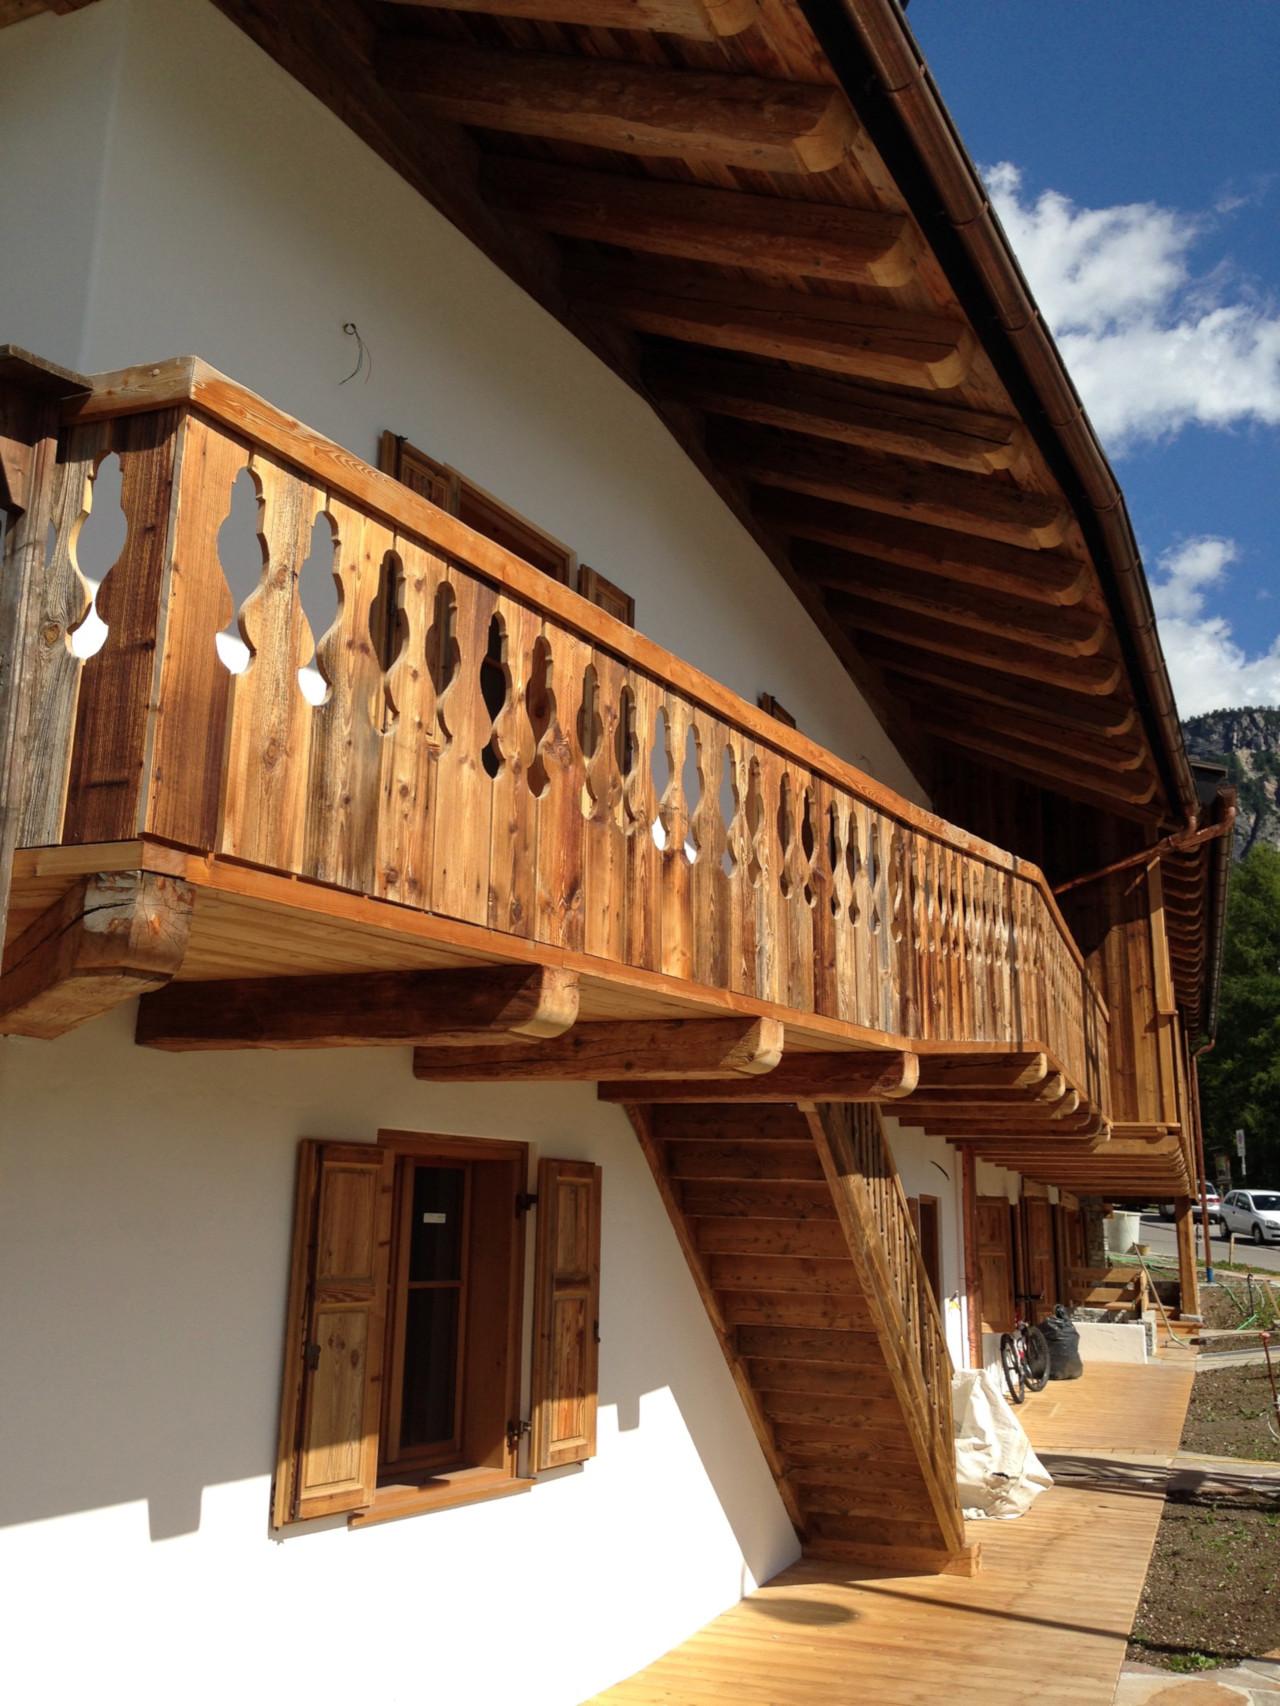 Progetto di ristrutturazione di una tipica casa ampezzana in loc. Alverà a Cortina d'Ampezzo